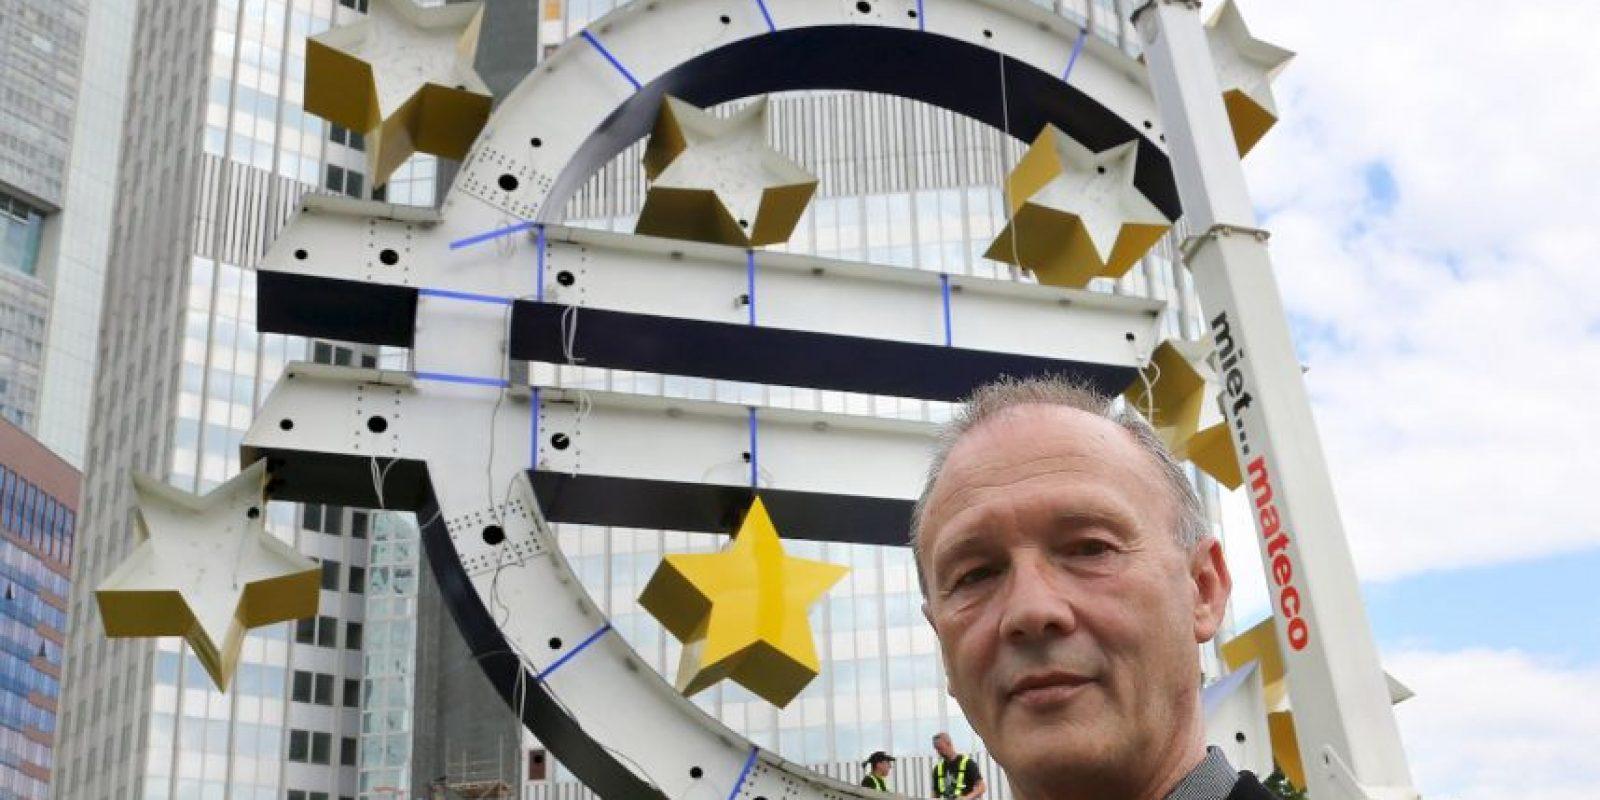 El artista Otmar Hoerl supervisa las obras de mantenimiento que su diseño sobre el euro recibe en Frankfurt, Alemania, incluyendo el terio y la colocación de nuevas estrellas. Foto:Getty Images